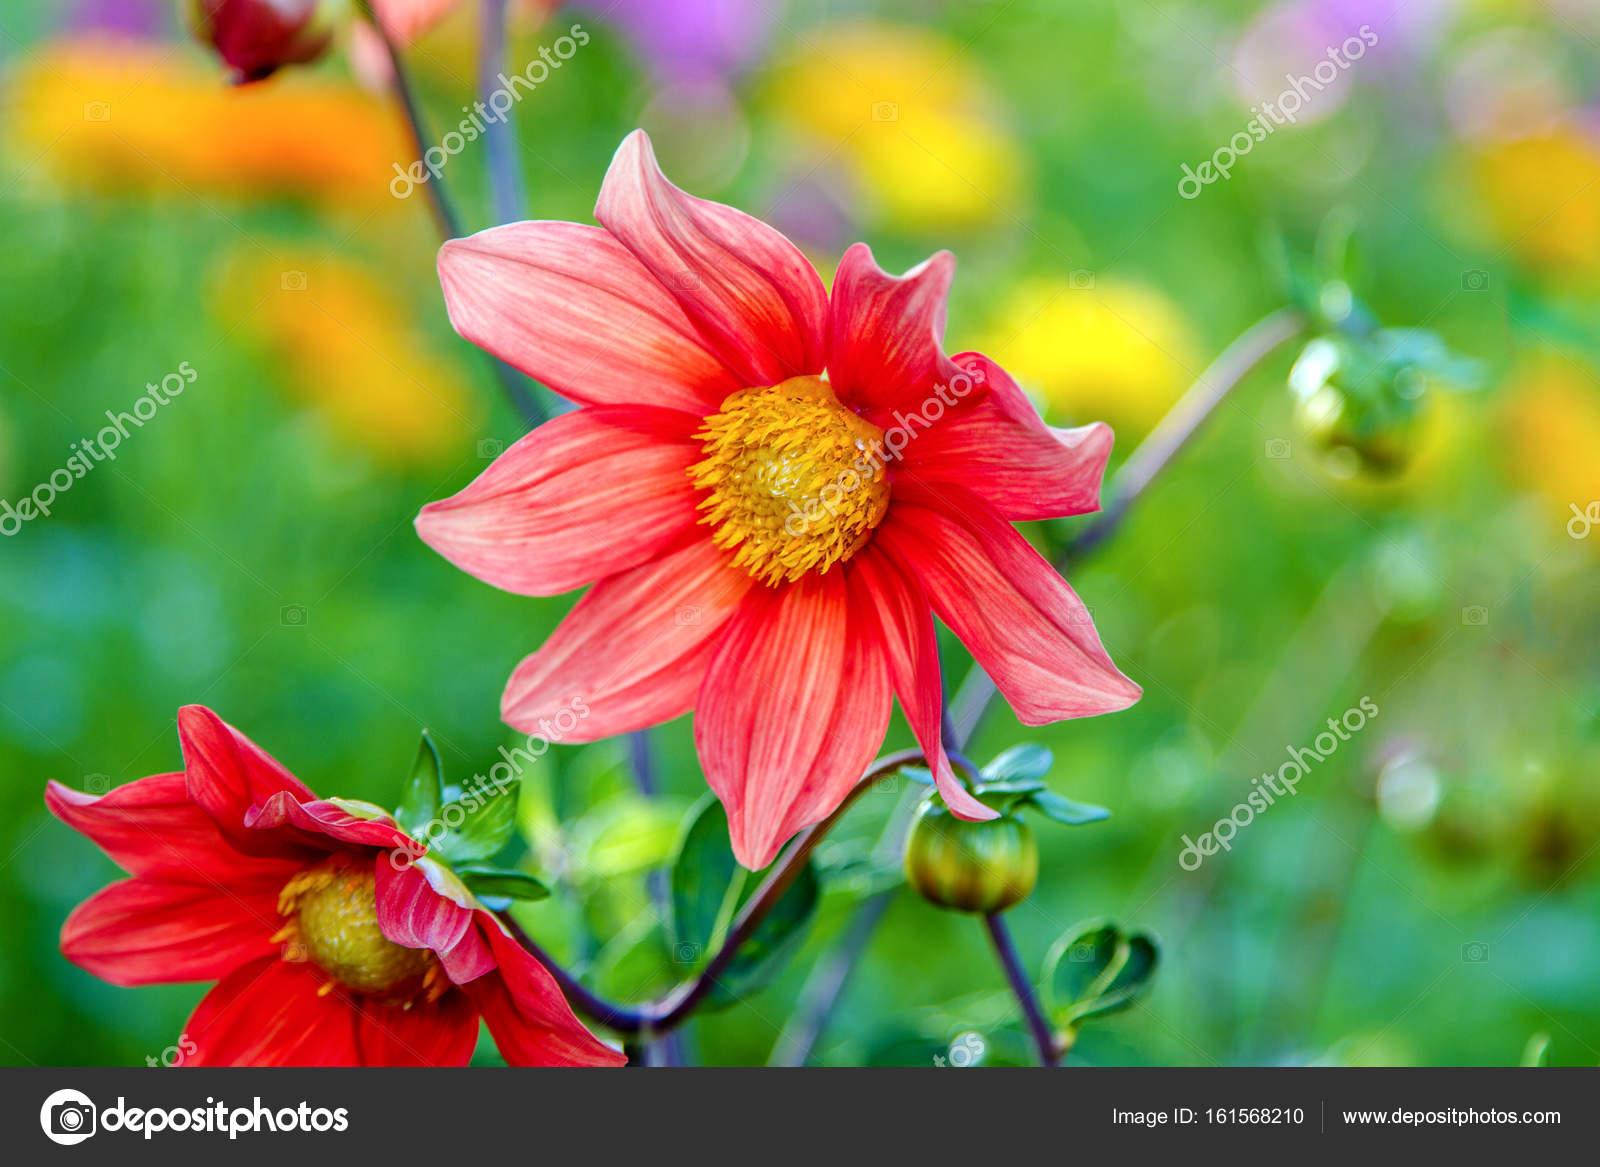 Фото цветка с красным центром 91